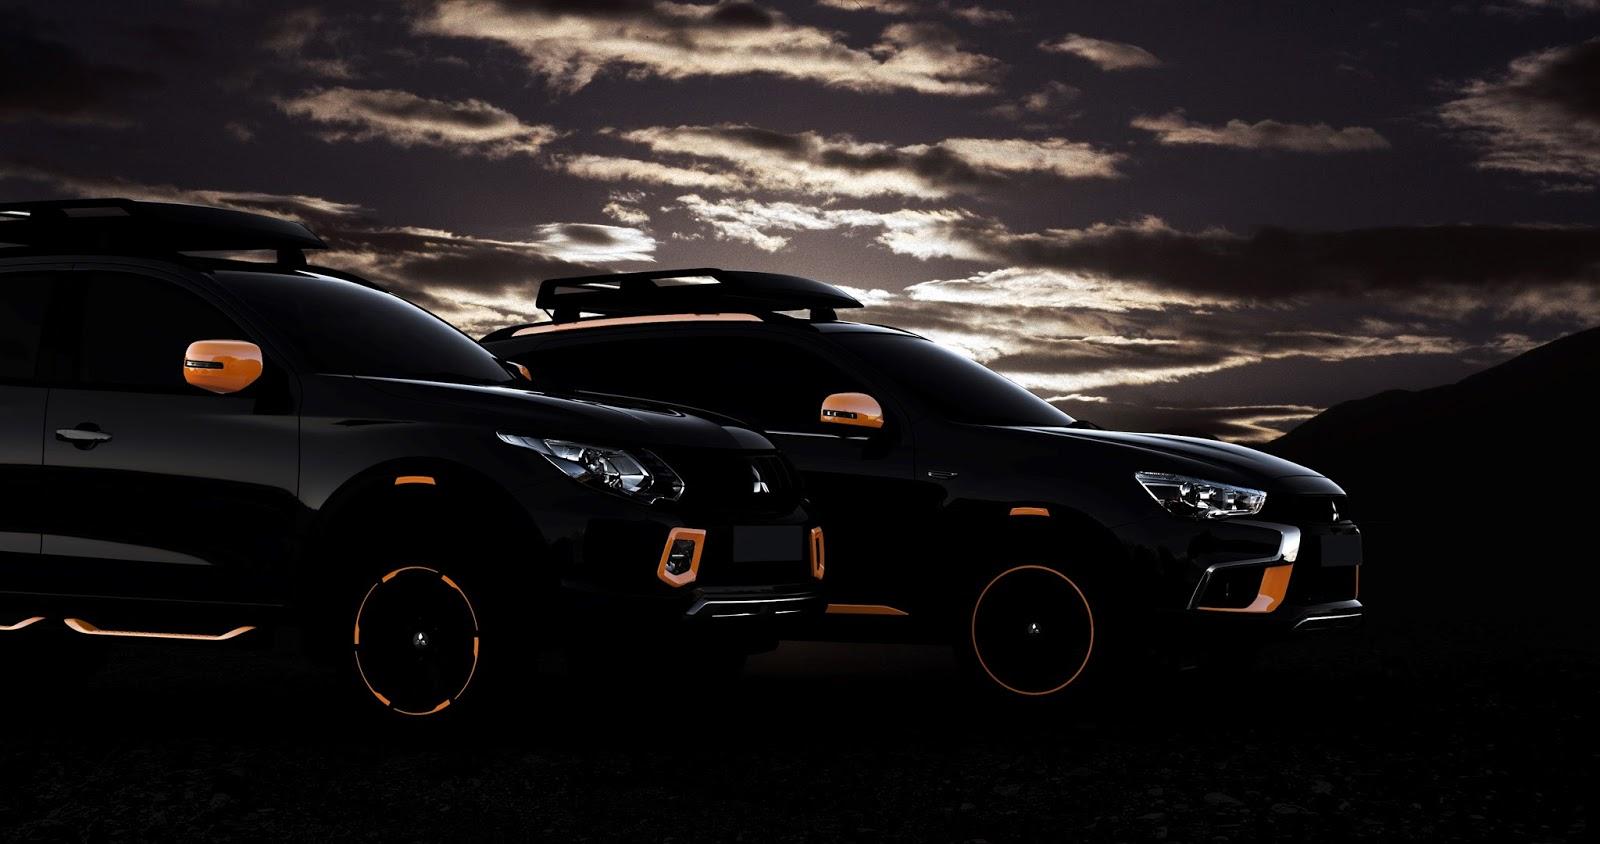 ASX%2526L200 H Mitsubishi εστιάζει στα SUV και τα παρουσιάζει στην Έκθεση Αυτοκινήτου της Γενεύης Mitsubishi, Mitsubishi ASX, MITSUBISHI eX-Concept, Mitsubishi L200, Mitsubishi Motors, SUV, Σαλόνι Αυτοκινήτου